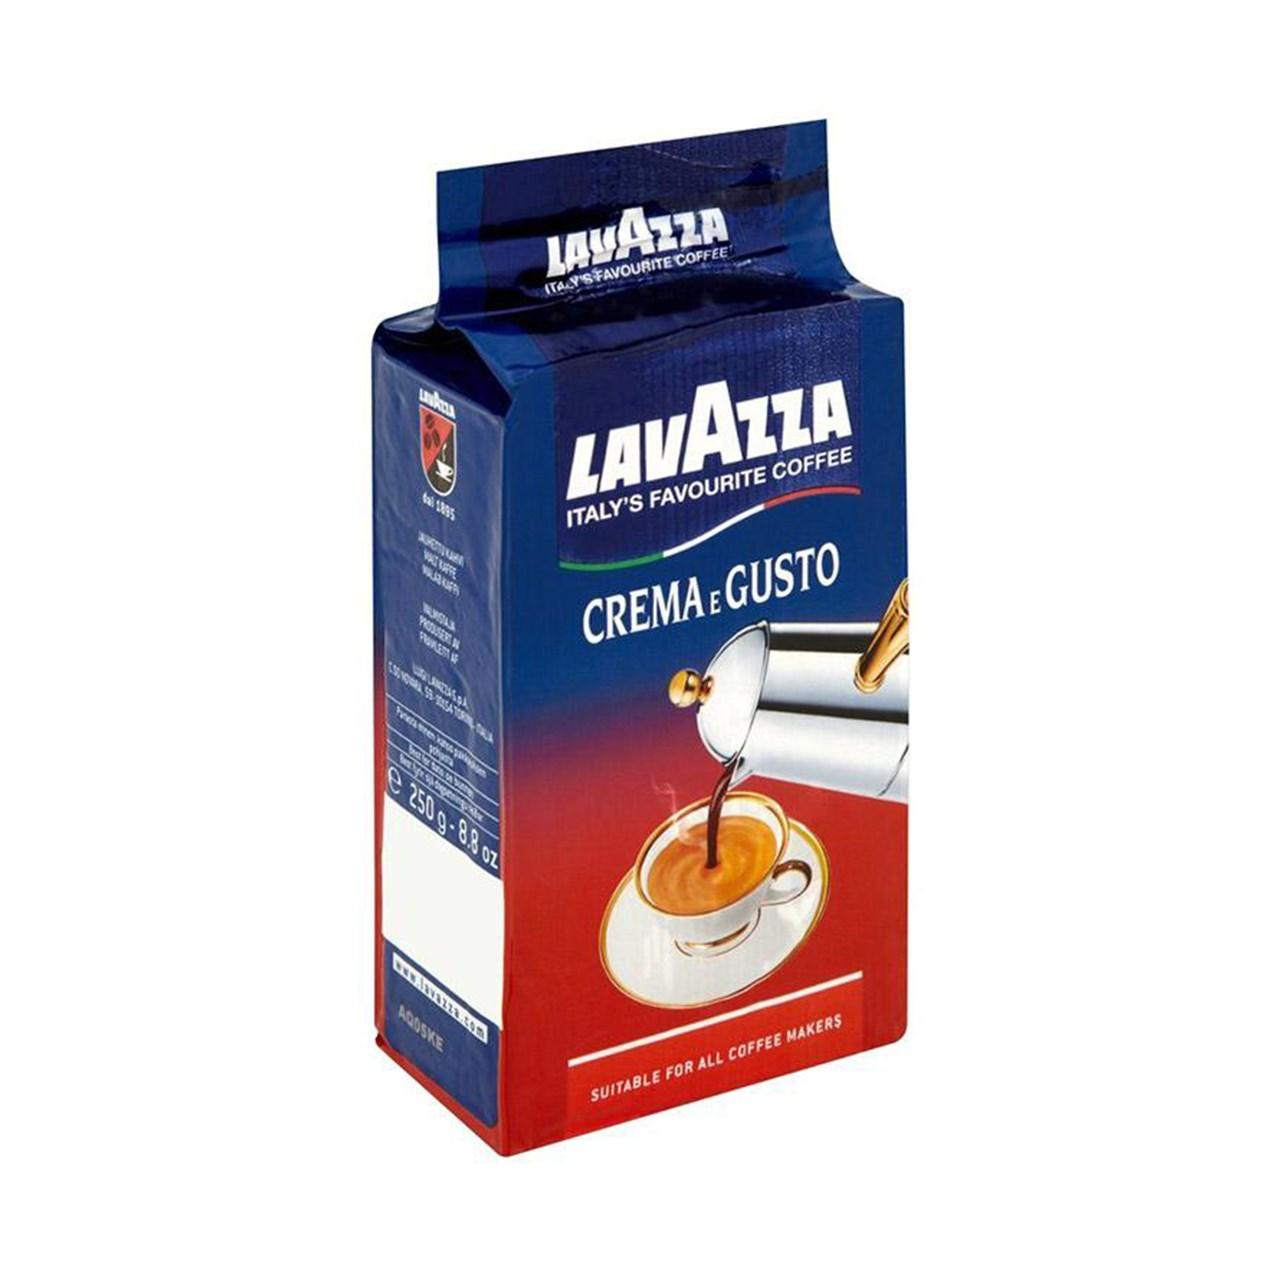 بسته قهوه لاواتزا مدل Crema e Gusto